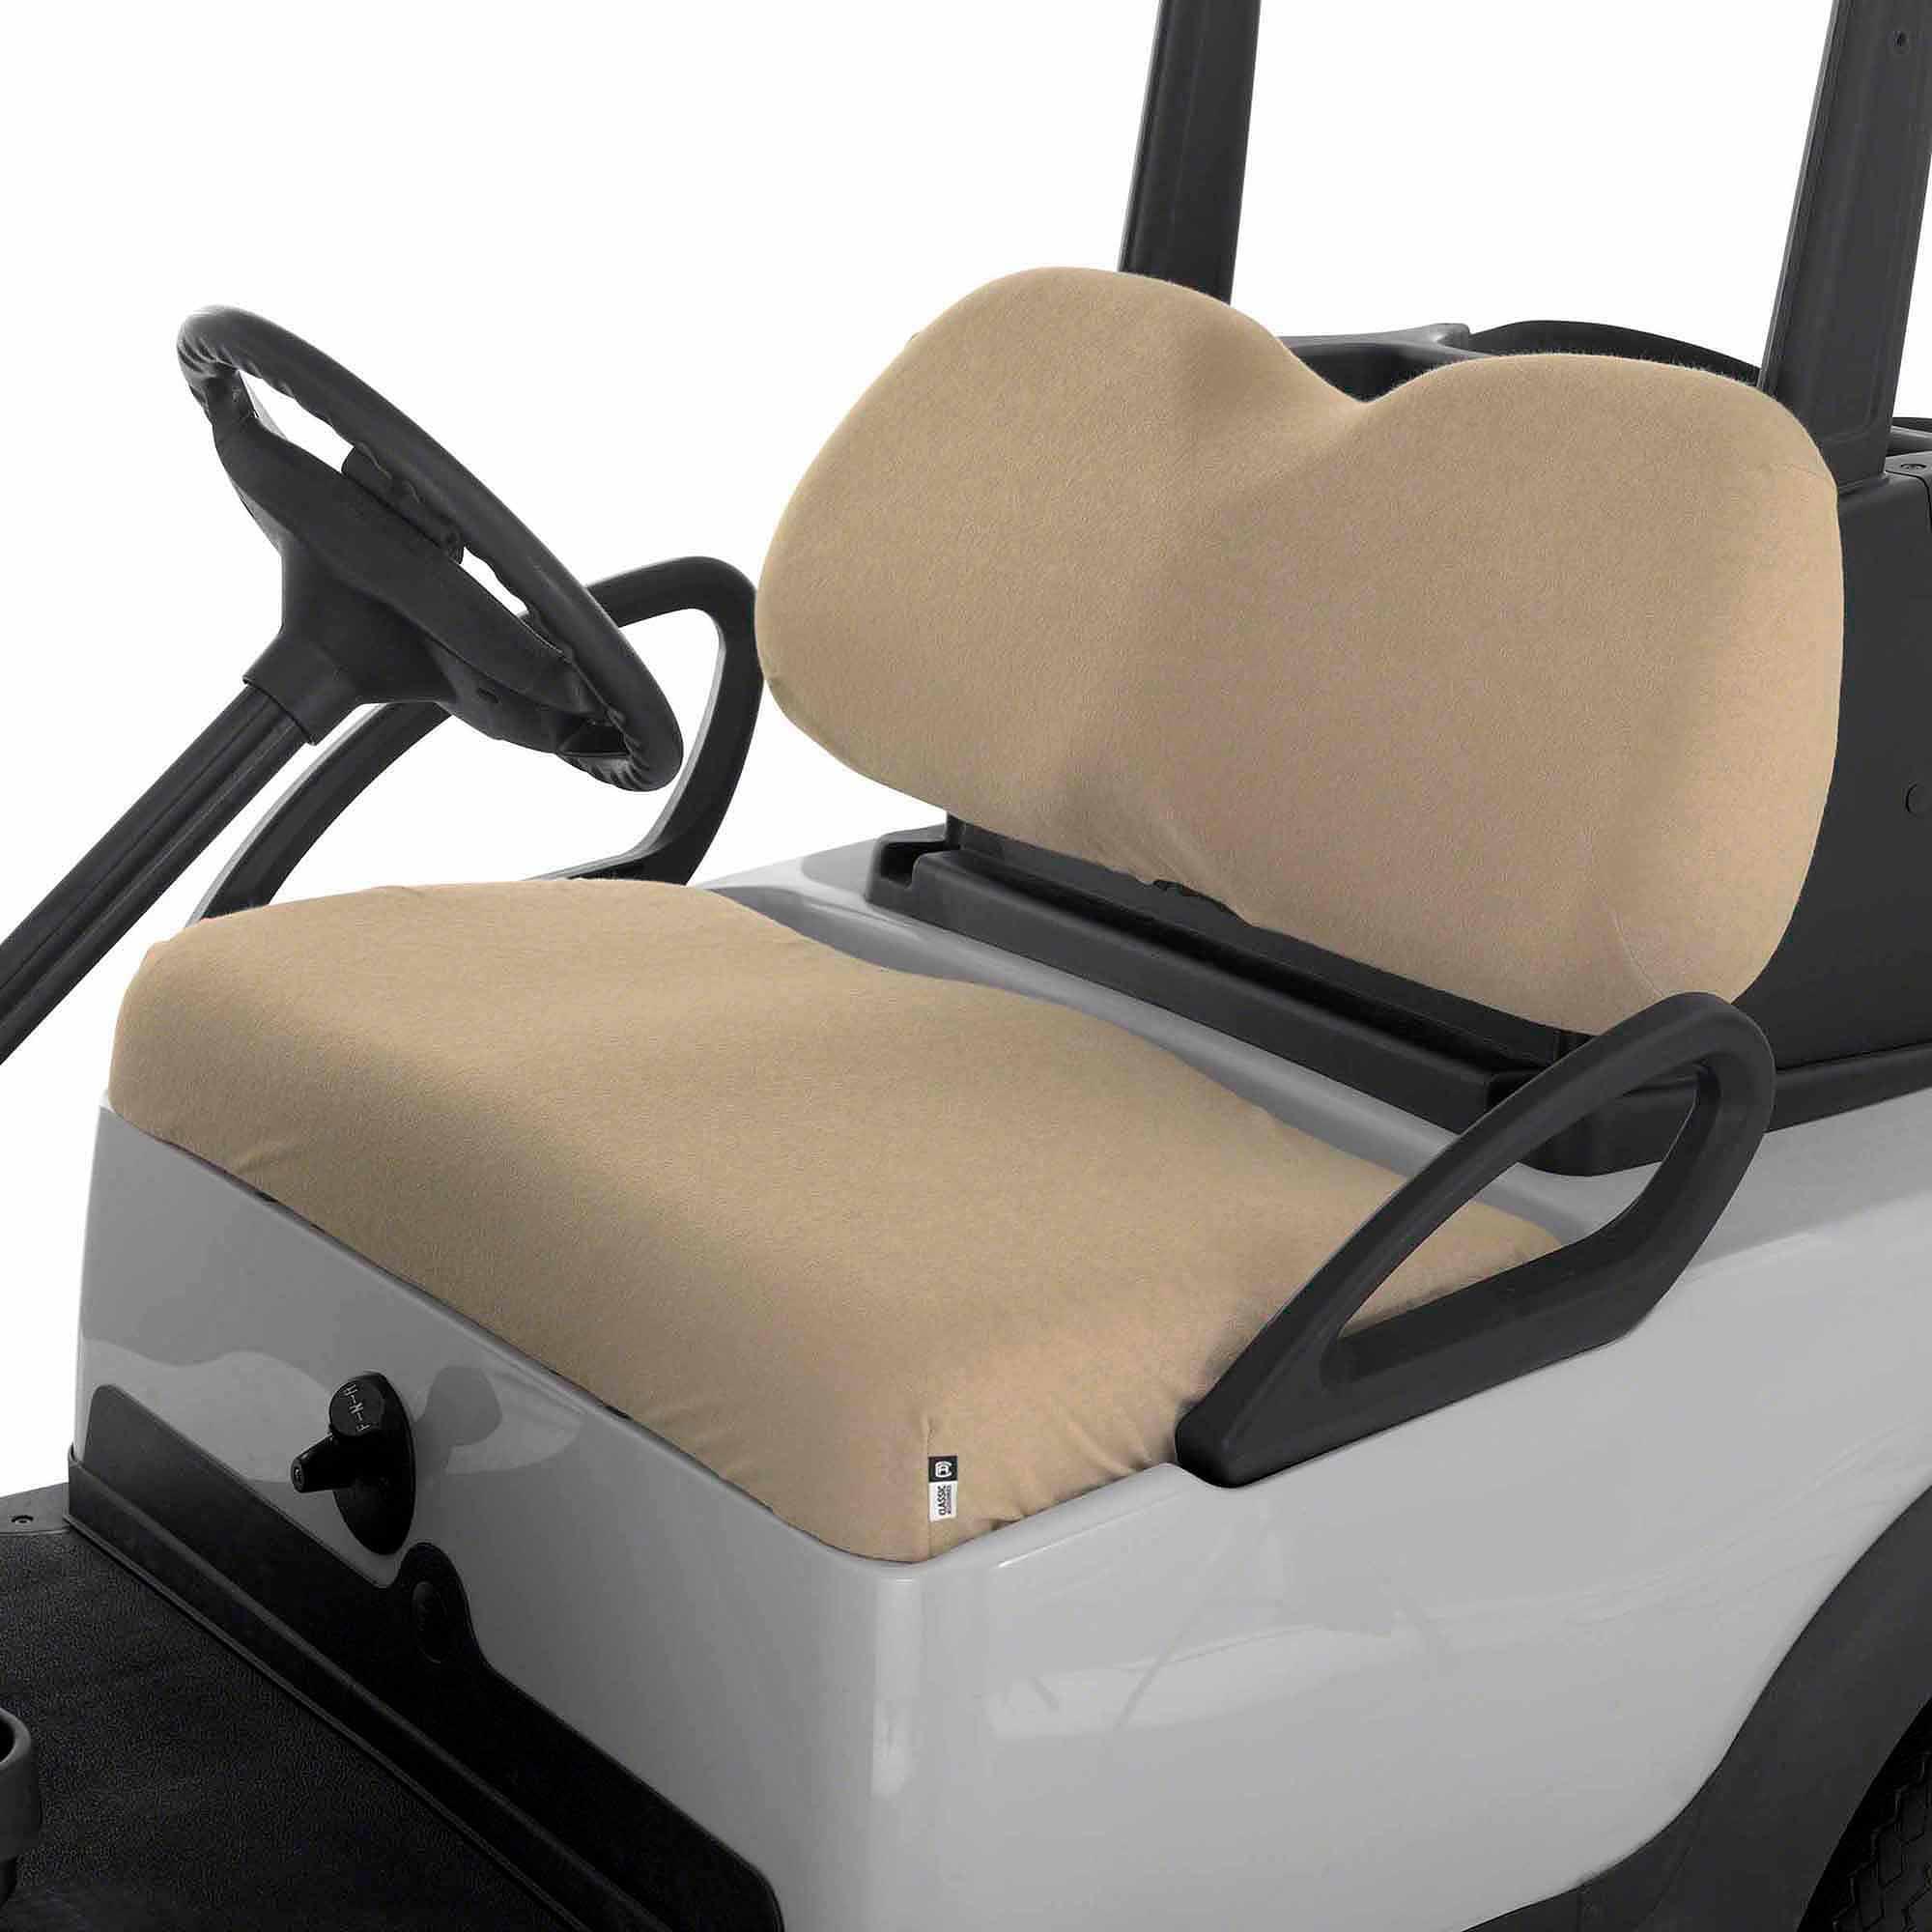 Classic accessories fairway golf cart seat cover terry cloth classic accessories fairway golf cart seat cover terry cloth walmart jeuxipadfo Choice Image